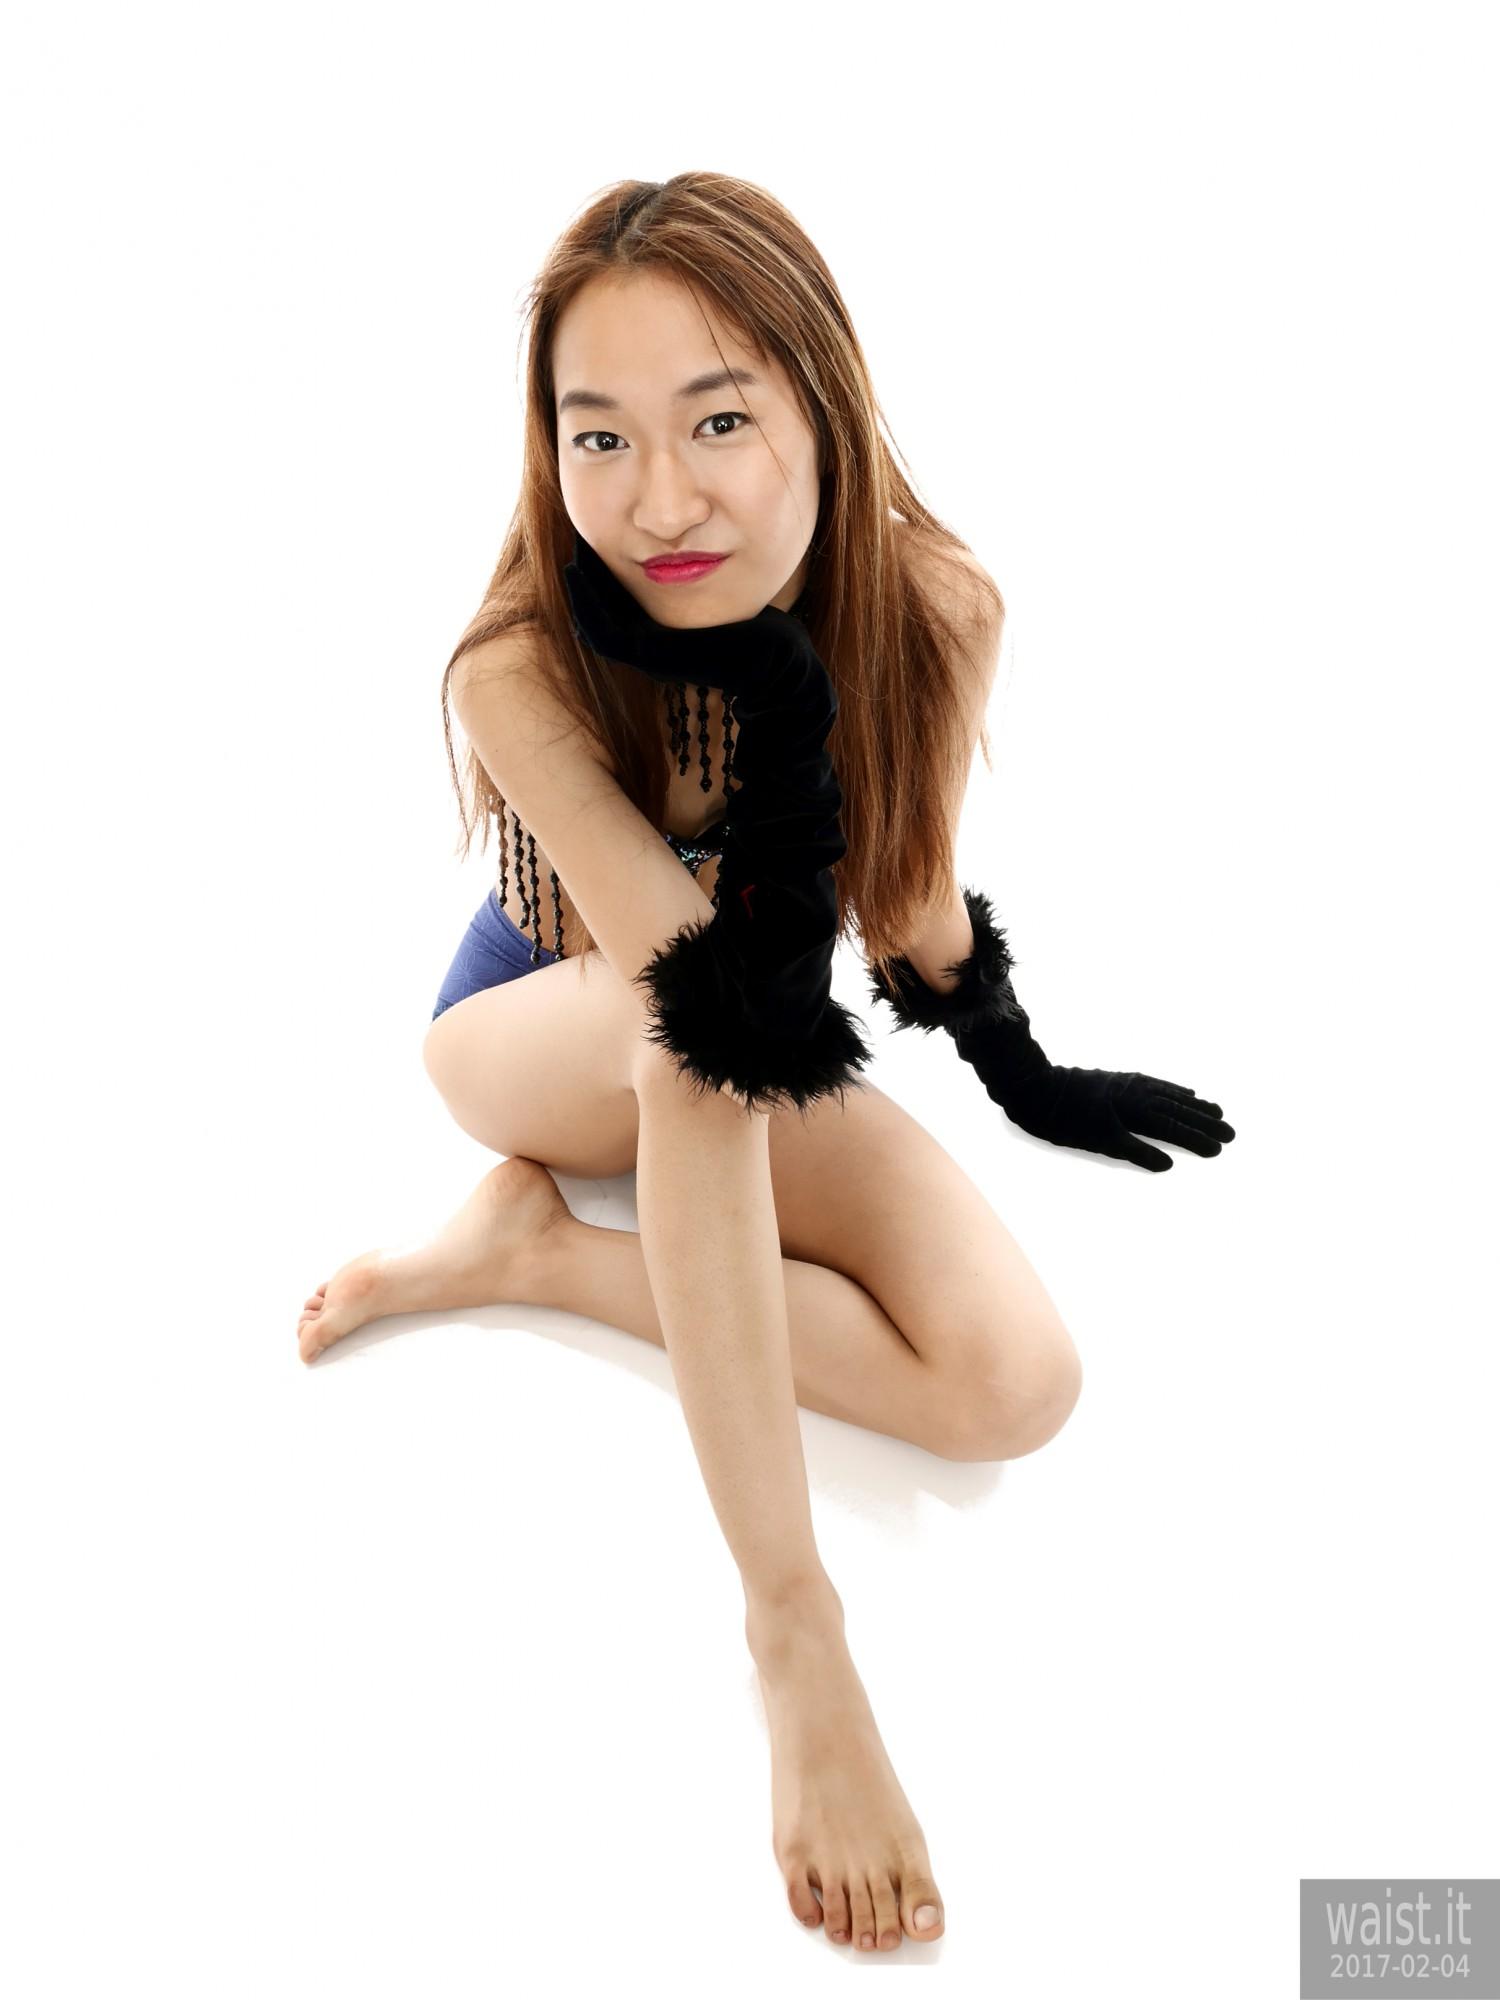 2017-02-04 Salina Pun blue jewelled dance top and lycra briefs - chosen by model